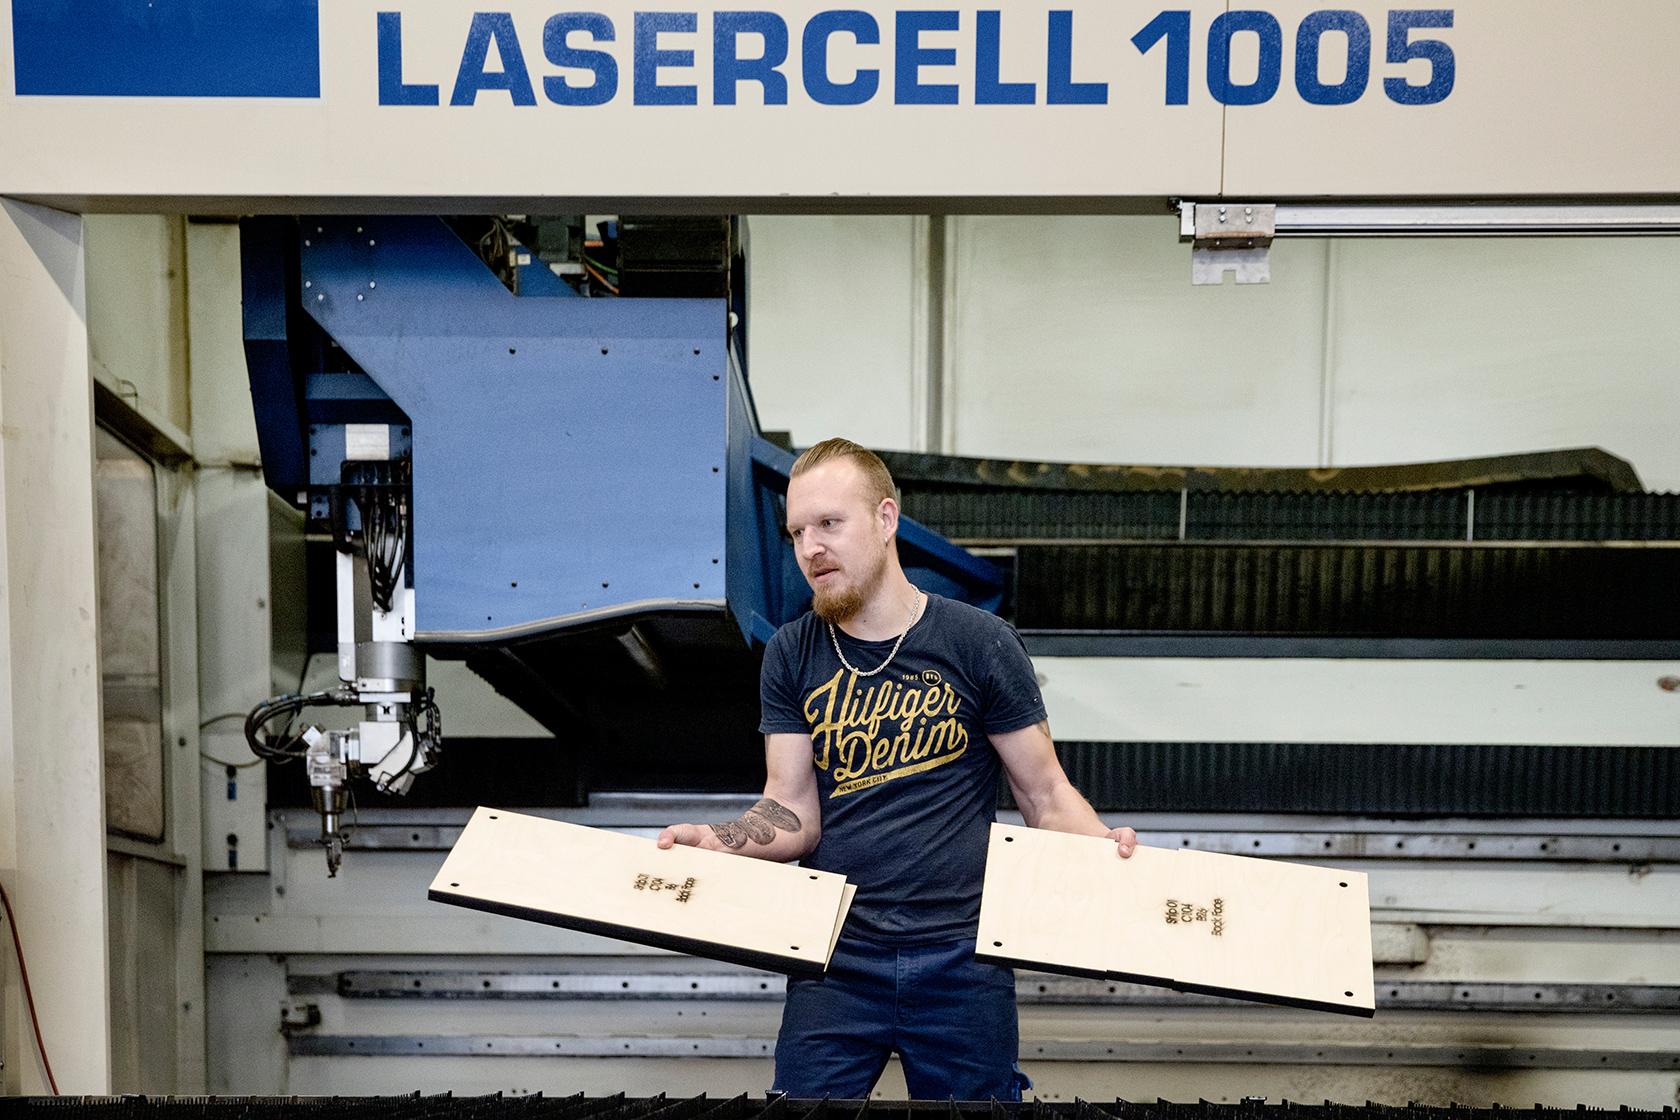 Ivan Olsen bruger mest maskinen til at skære optrykte emner med.